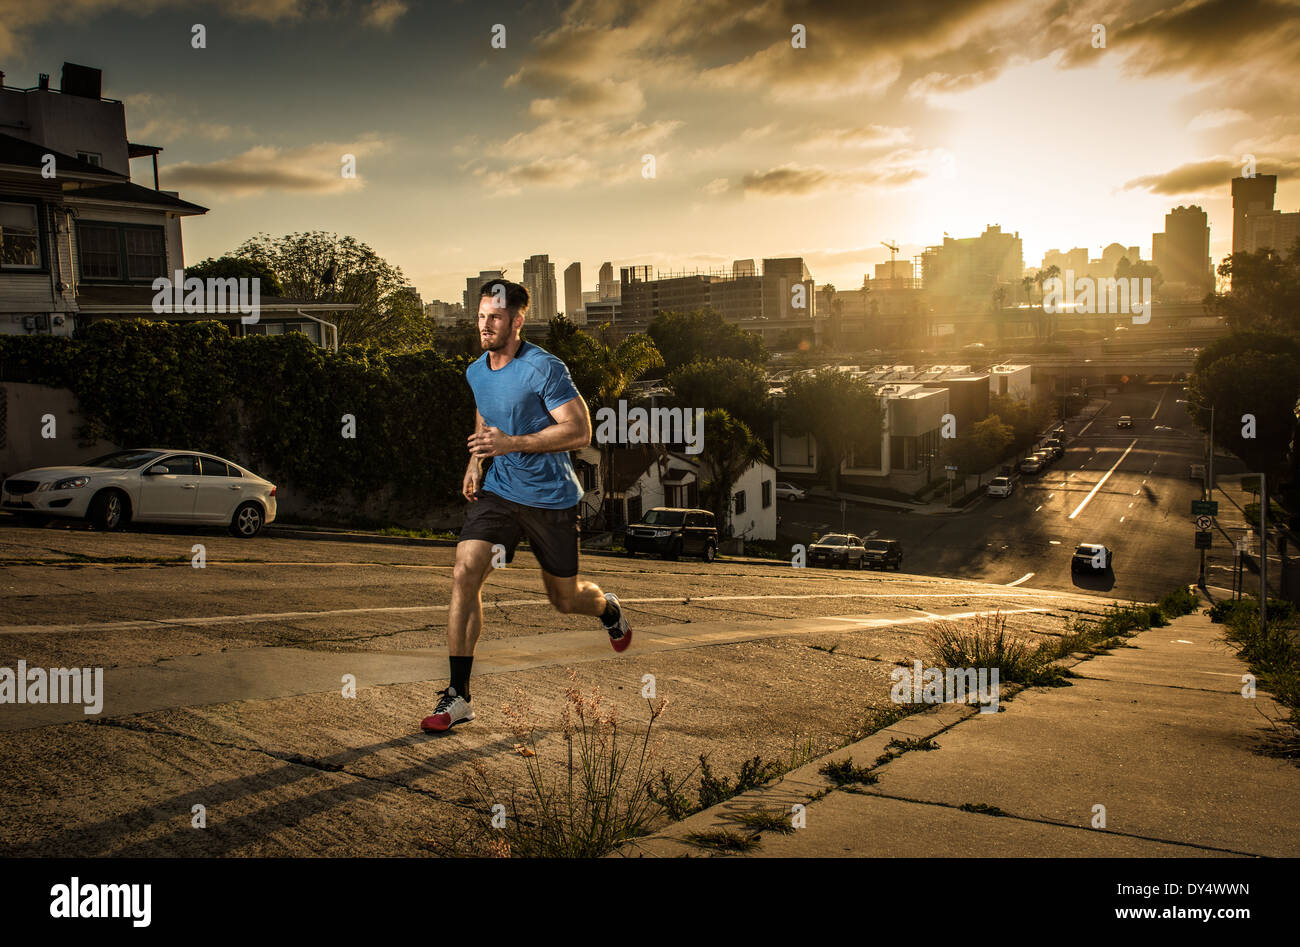 Macho joven corredor subiendo una empinada colina de la ciudad Imagen De Stock